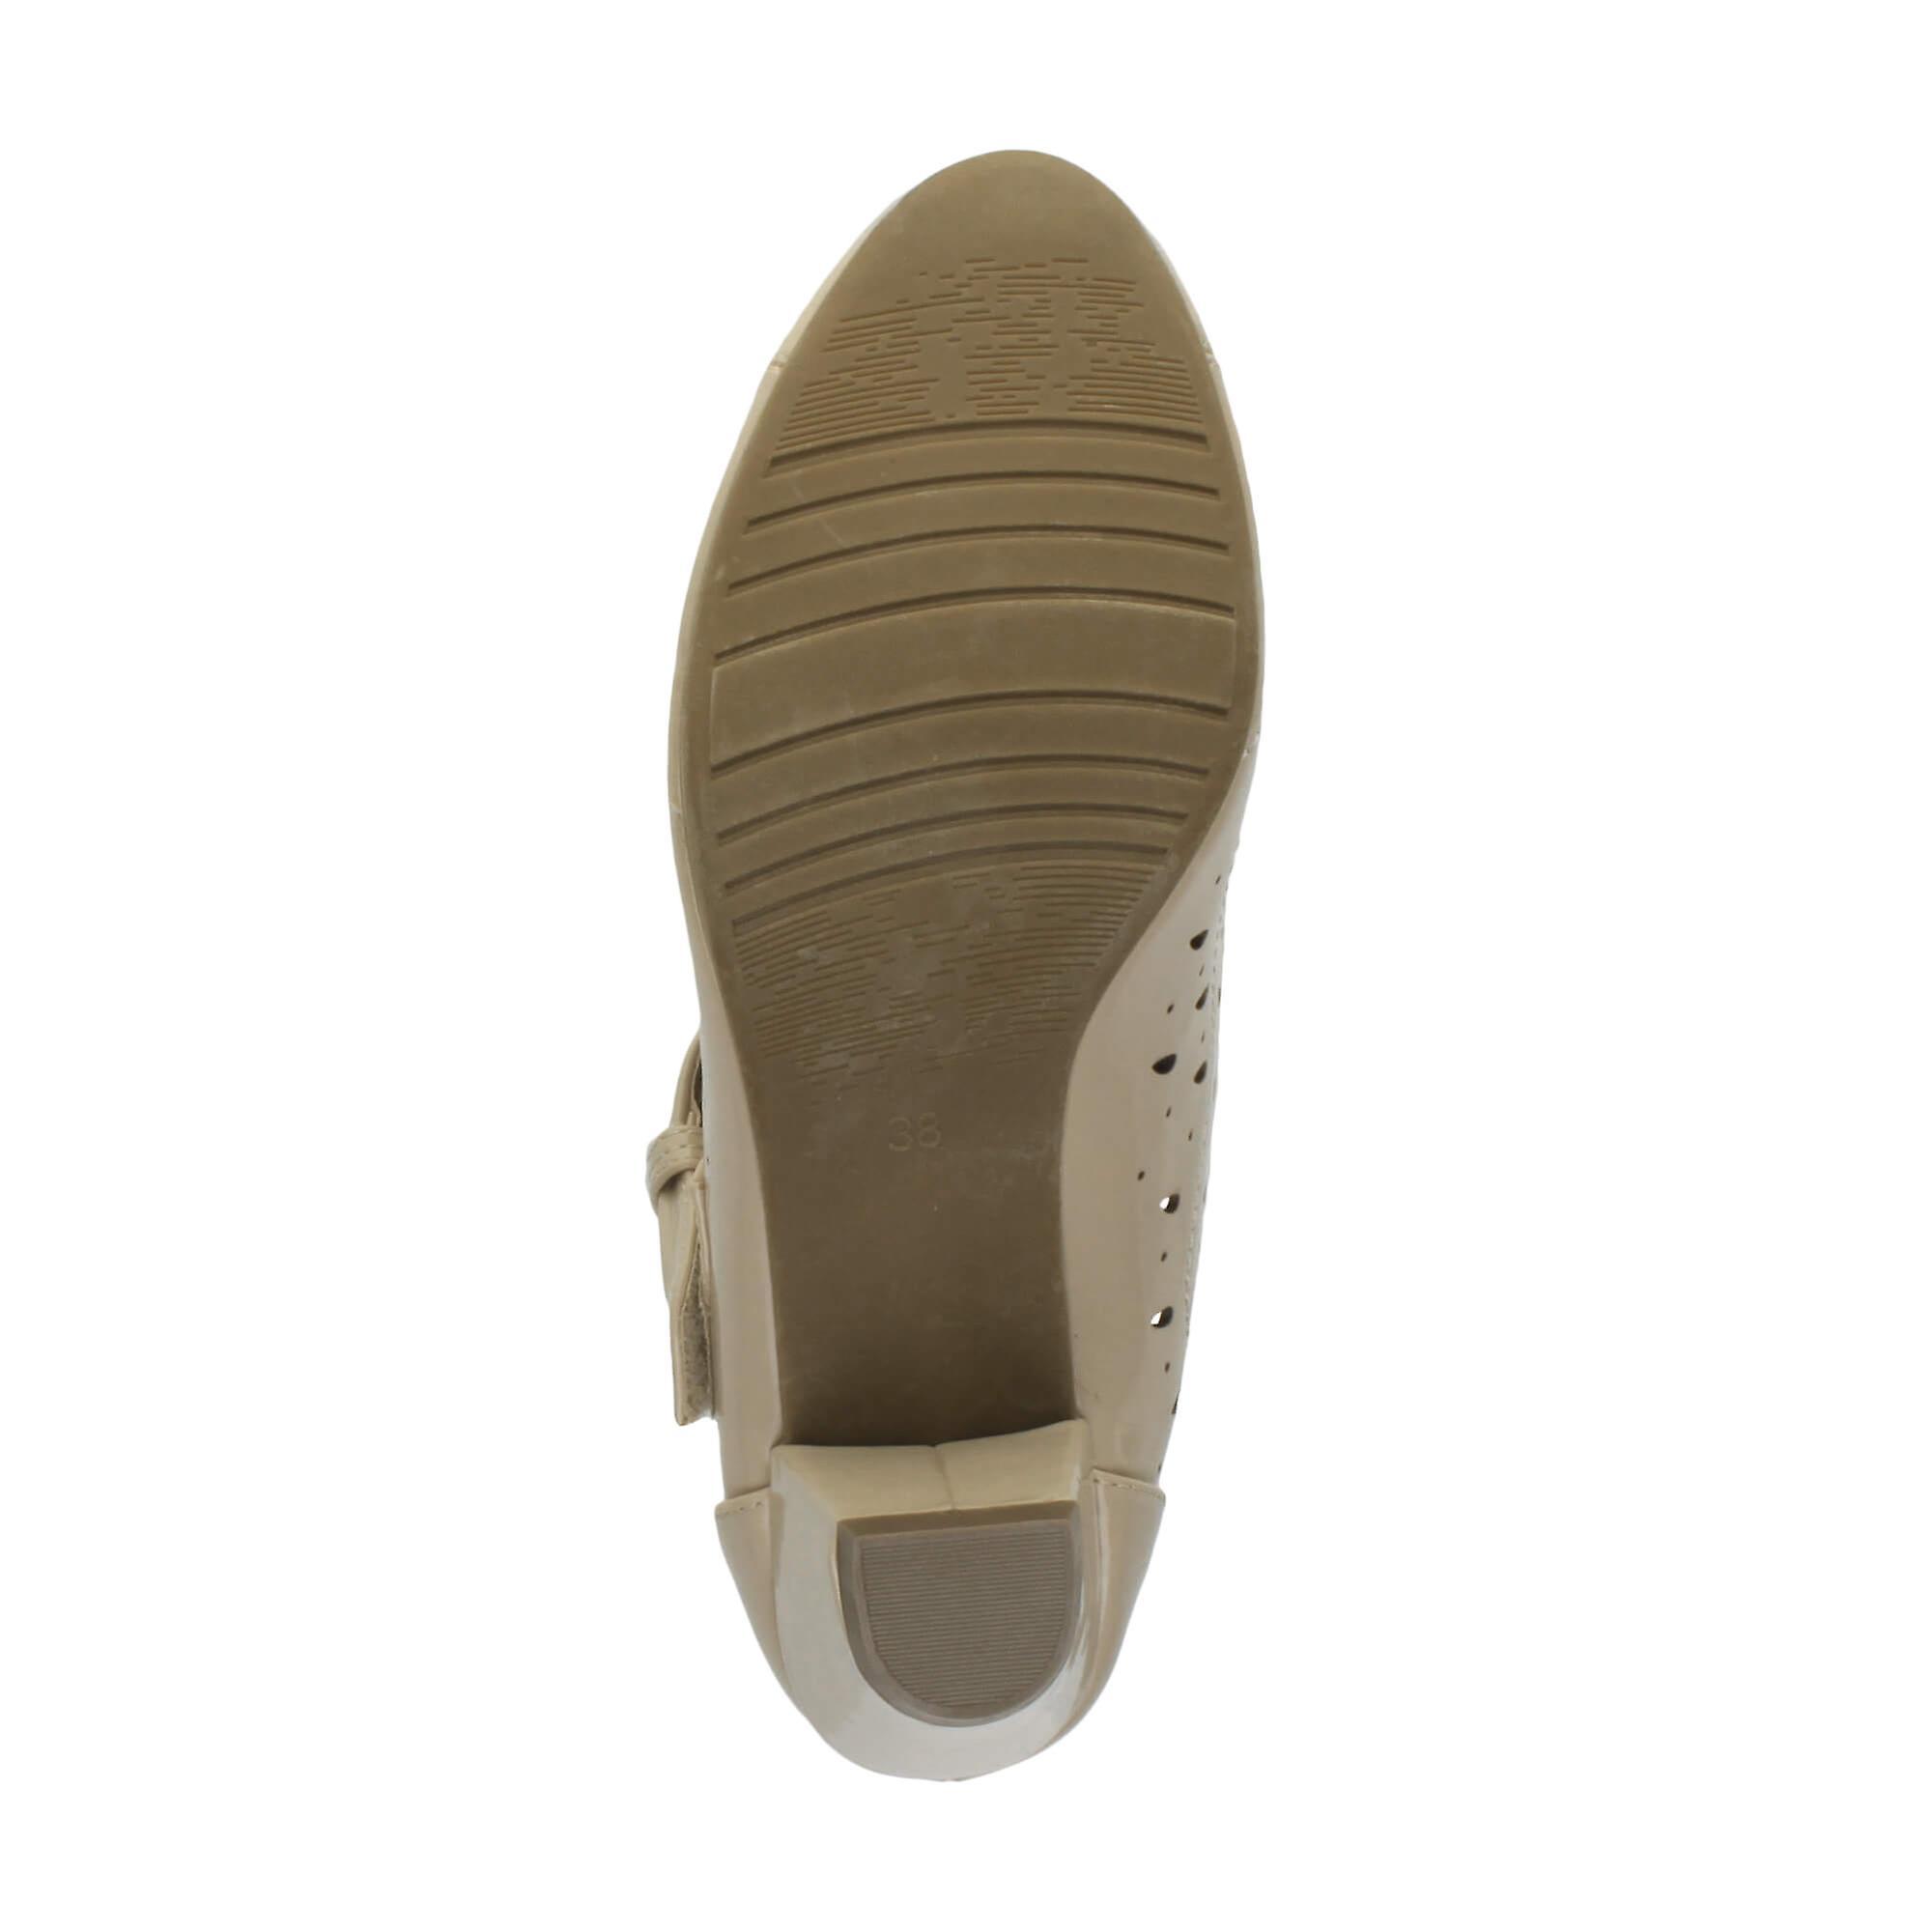 Ajvani womens mid laag blok hak mary jane T-bar haak & lus Sarto comfort rubber enige Hof schoenen sandalen - Gratis verzending dwi1j2